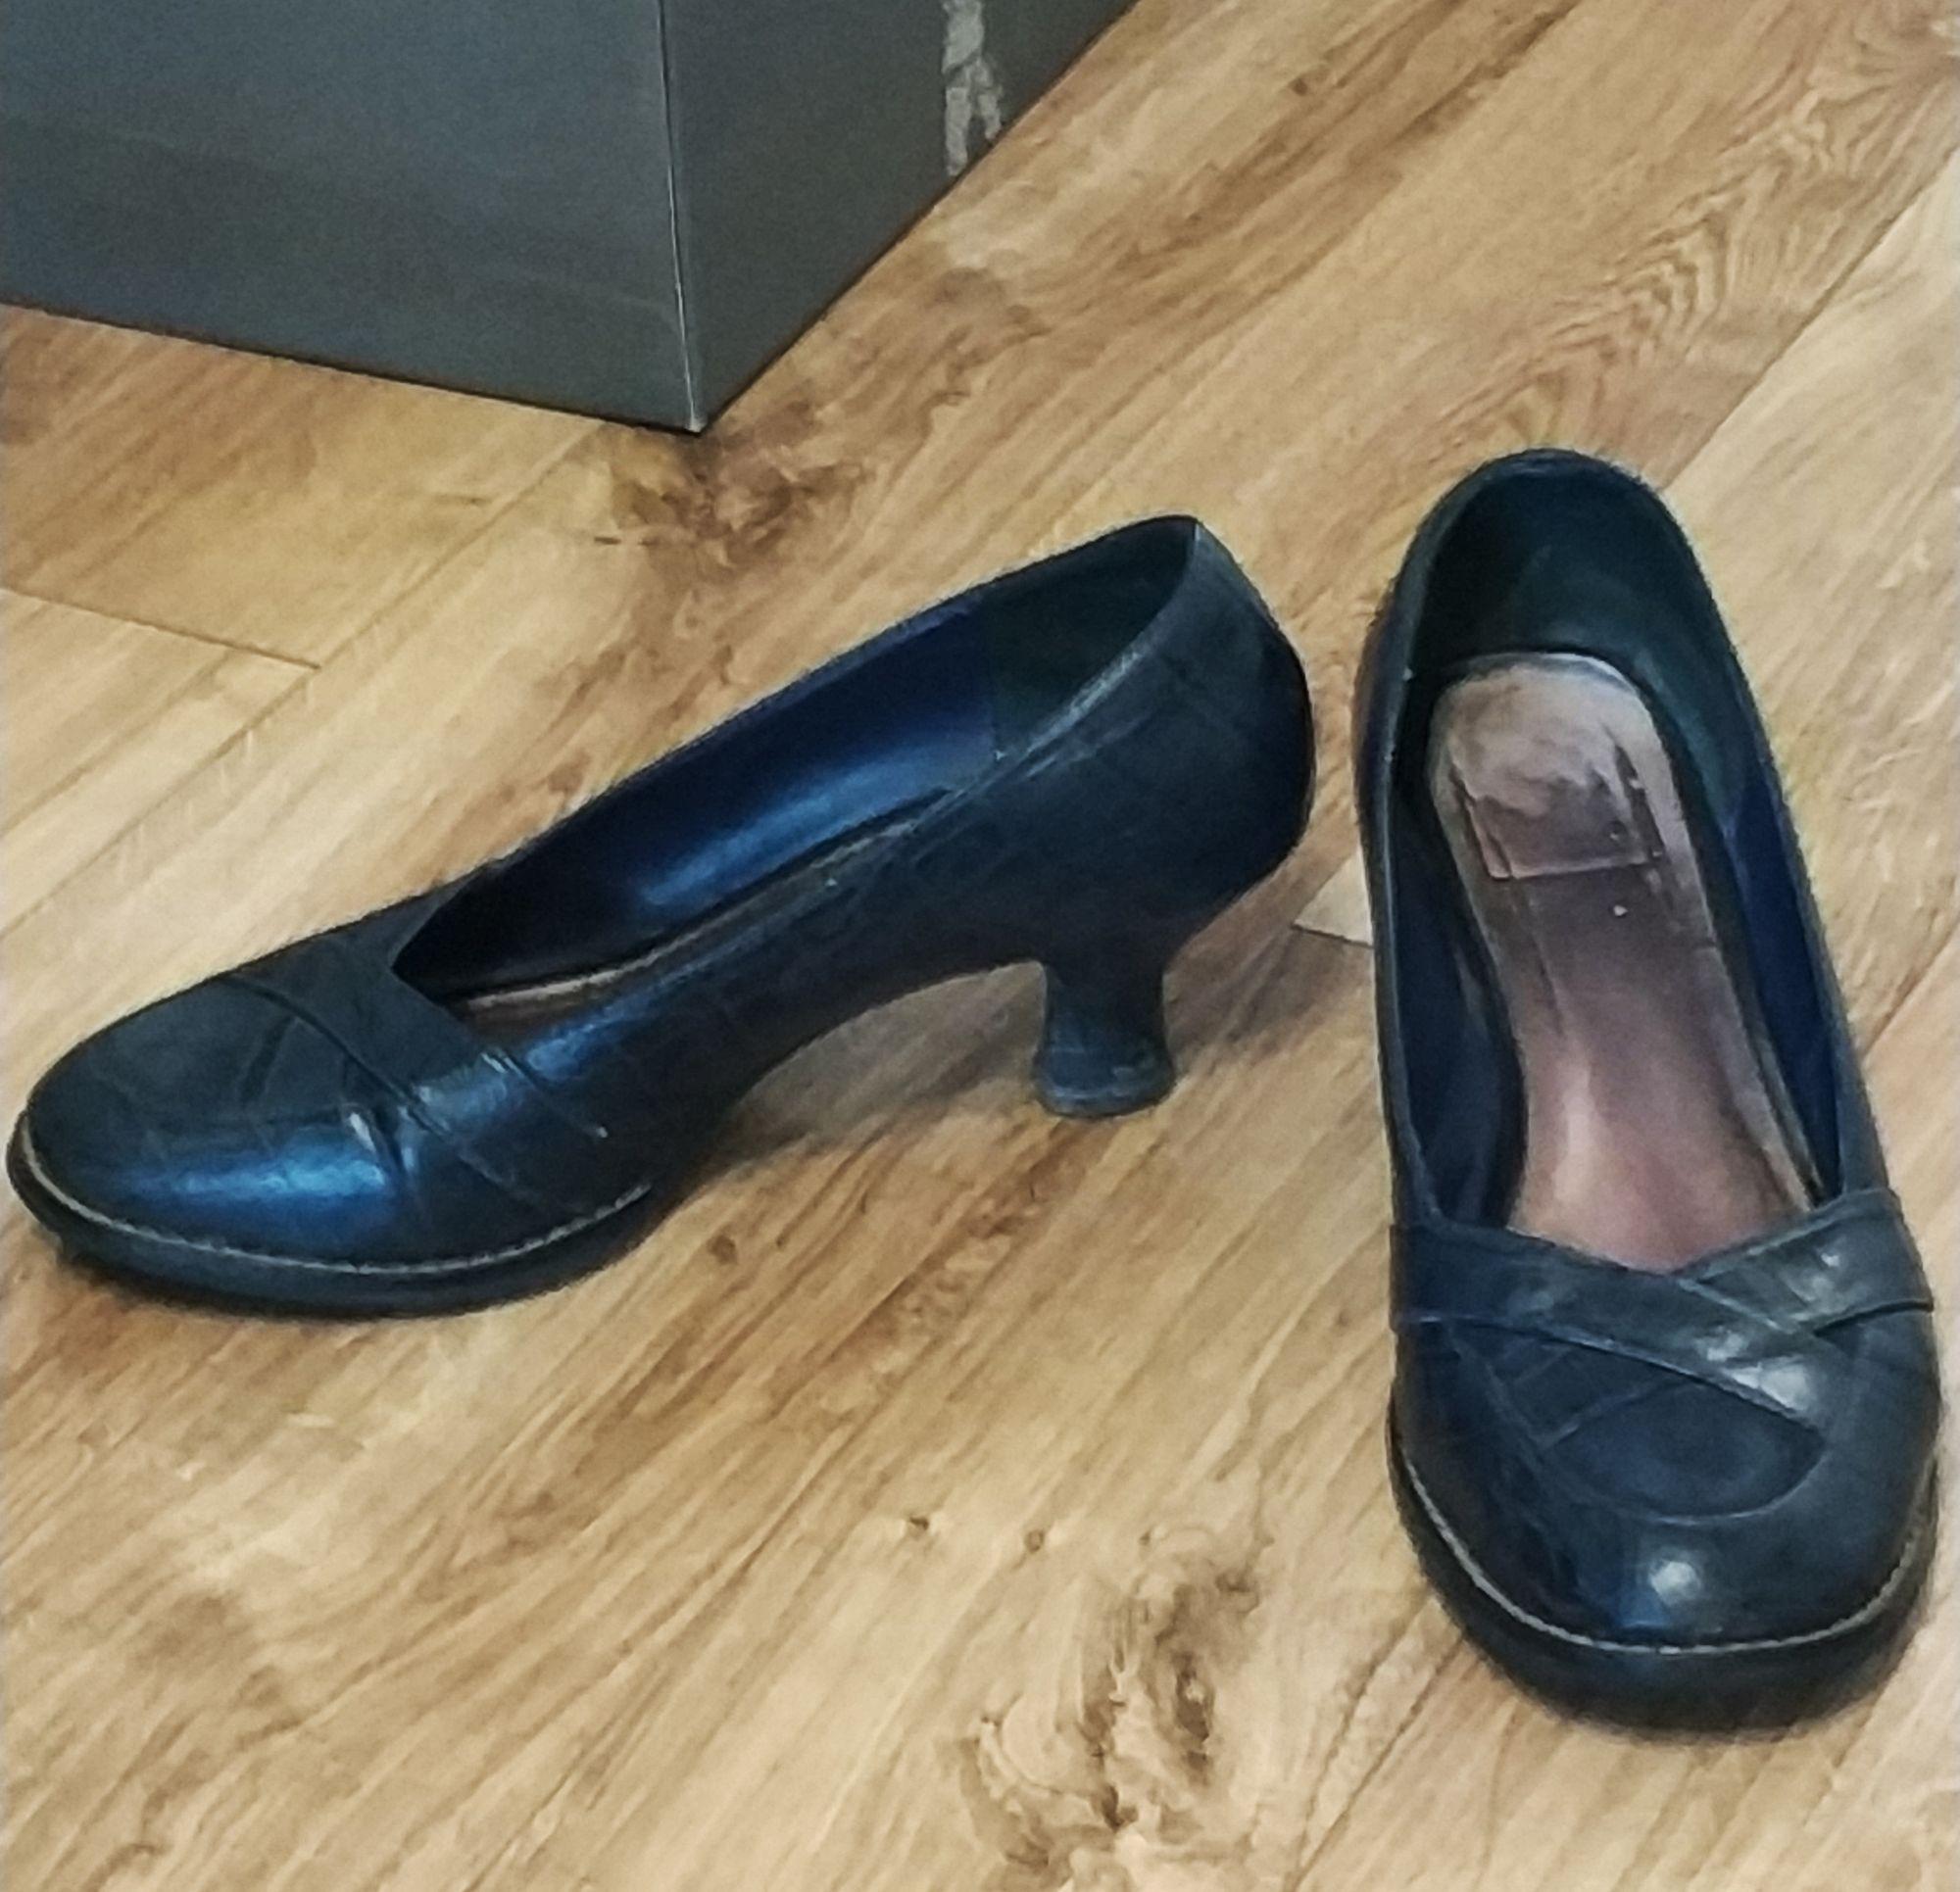 Подойдут ли эти туфли в офис?